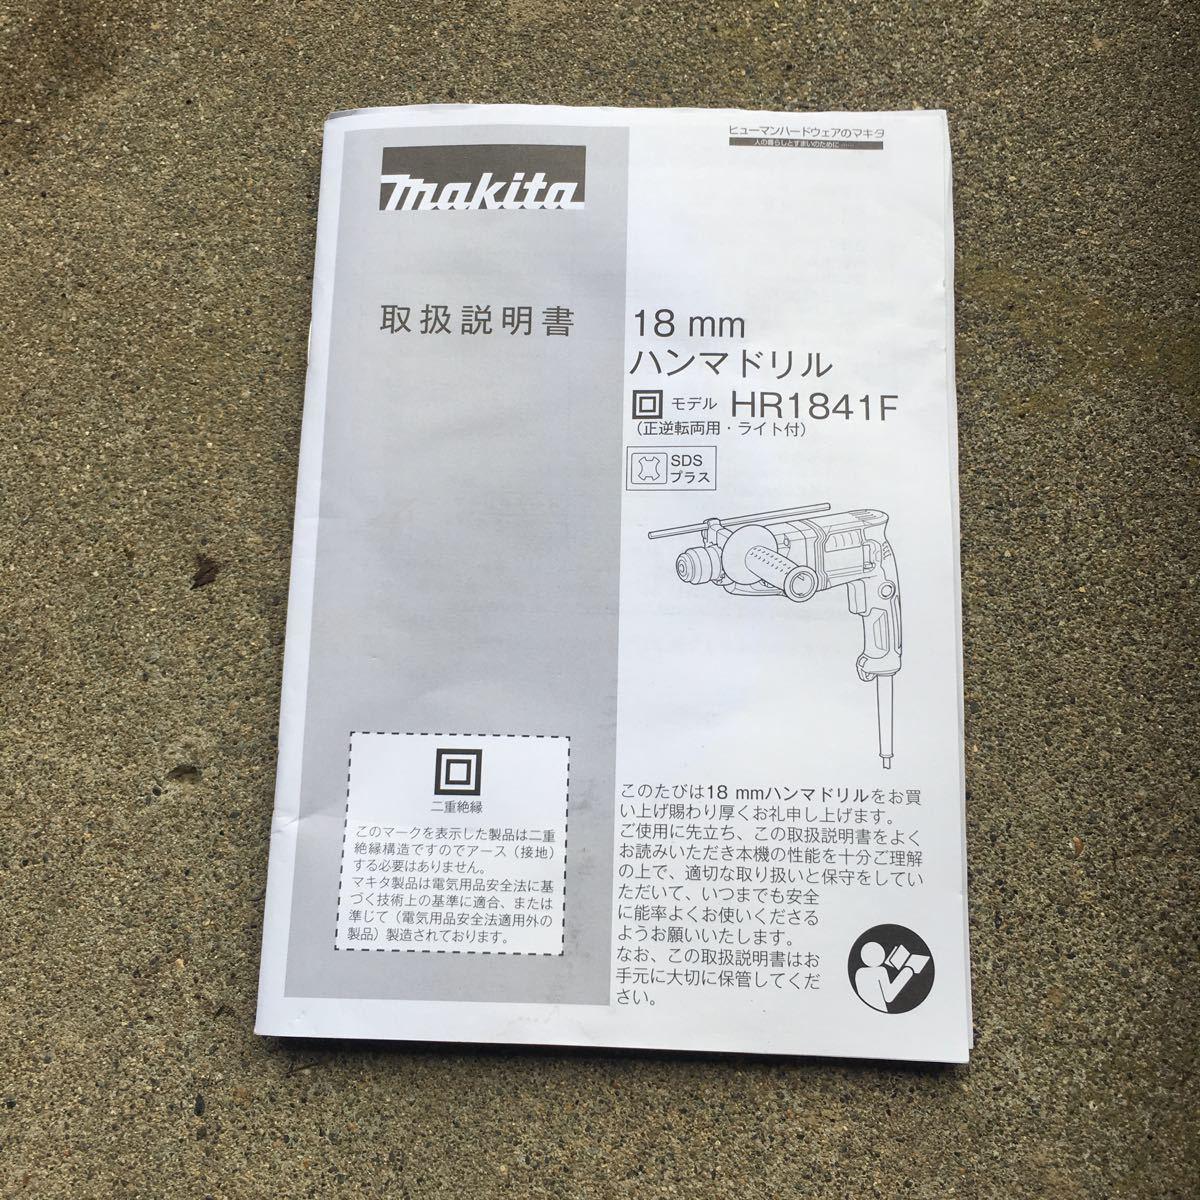 マキタハンマードリル 18mm_画像2